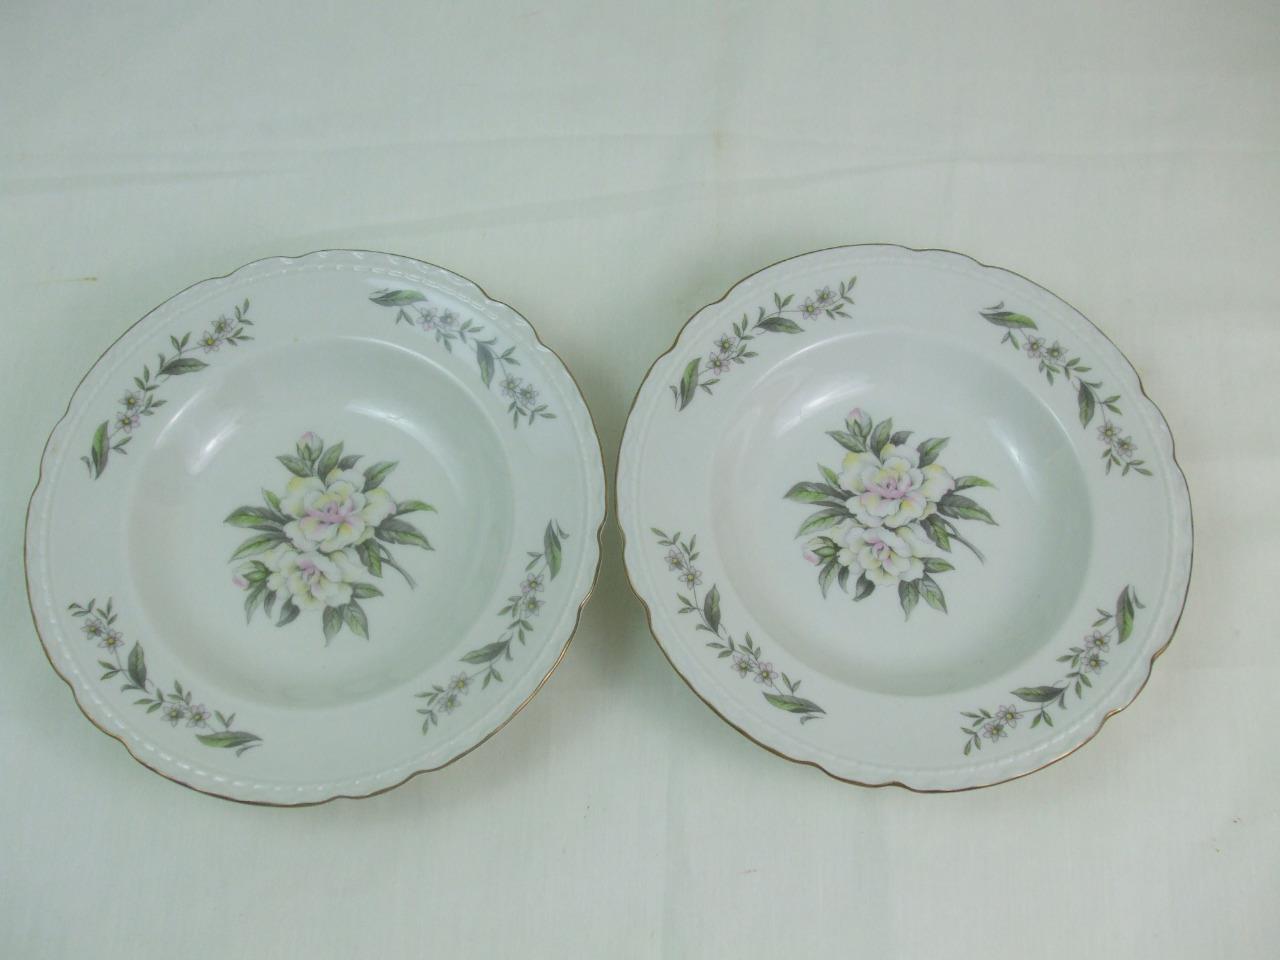 2 Soup Bowls Gardenia Pattern Gold Scalloped Edges Embassy USA Vitrified China - $19.79